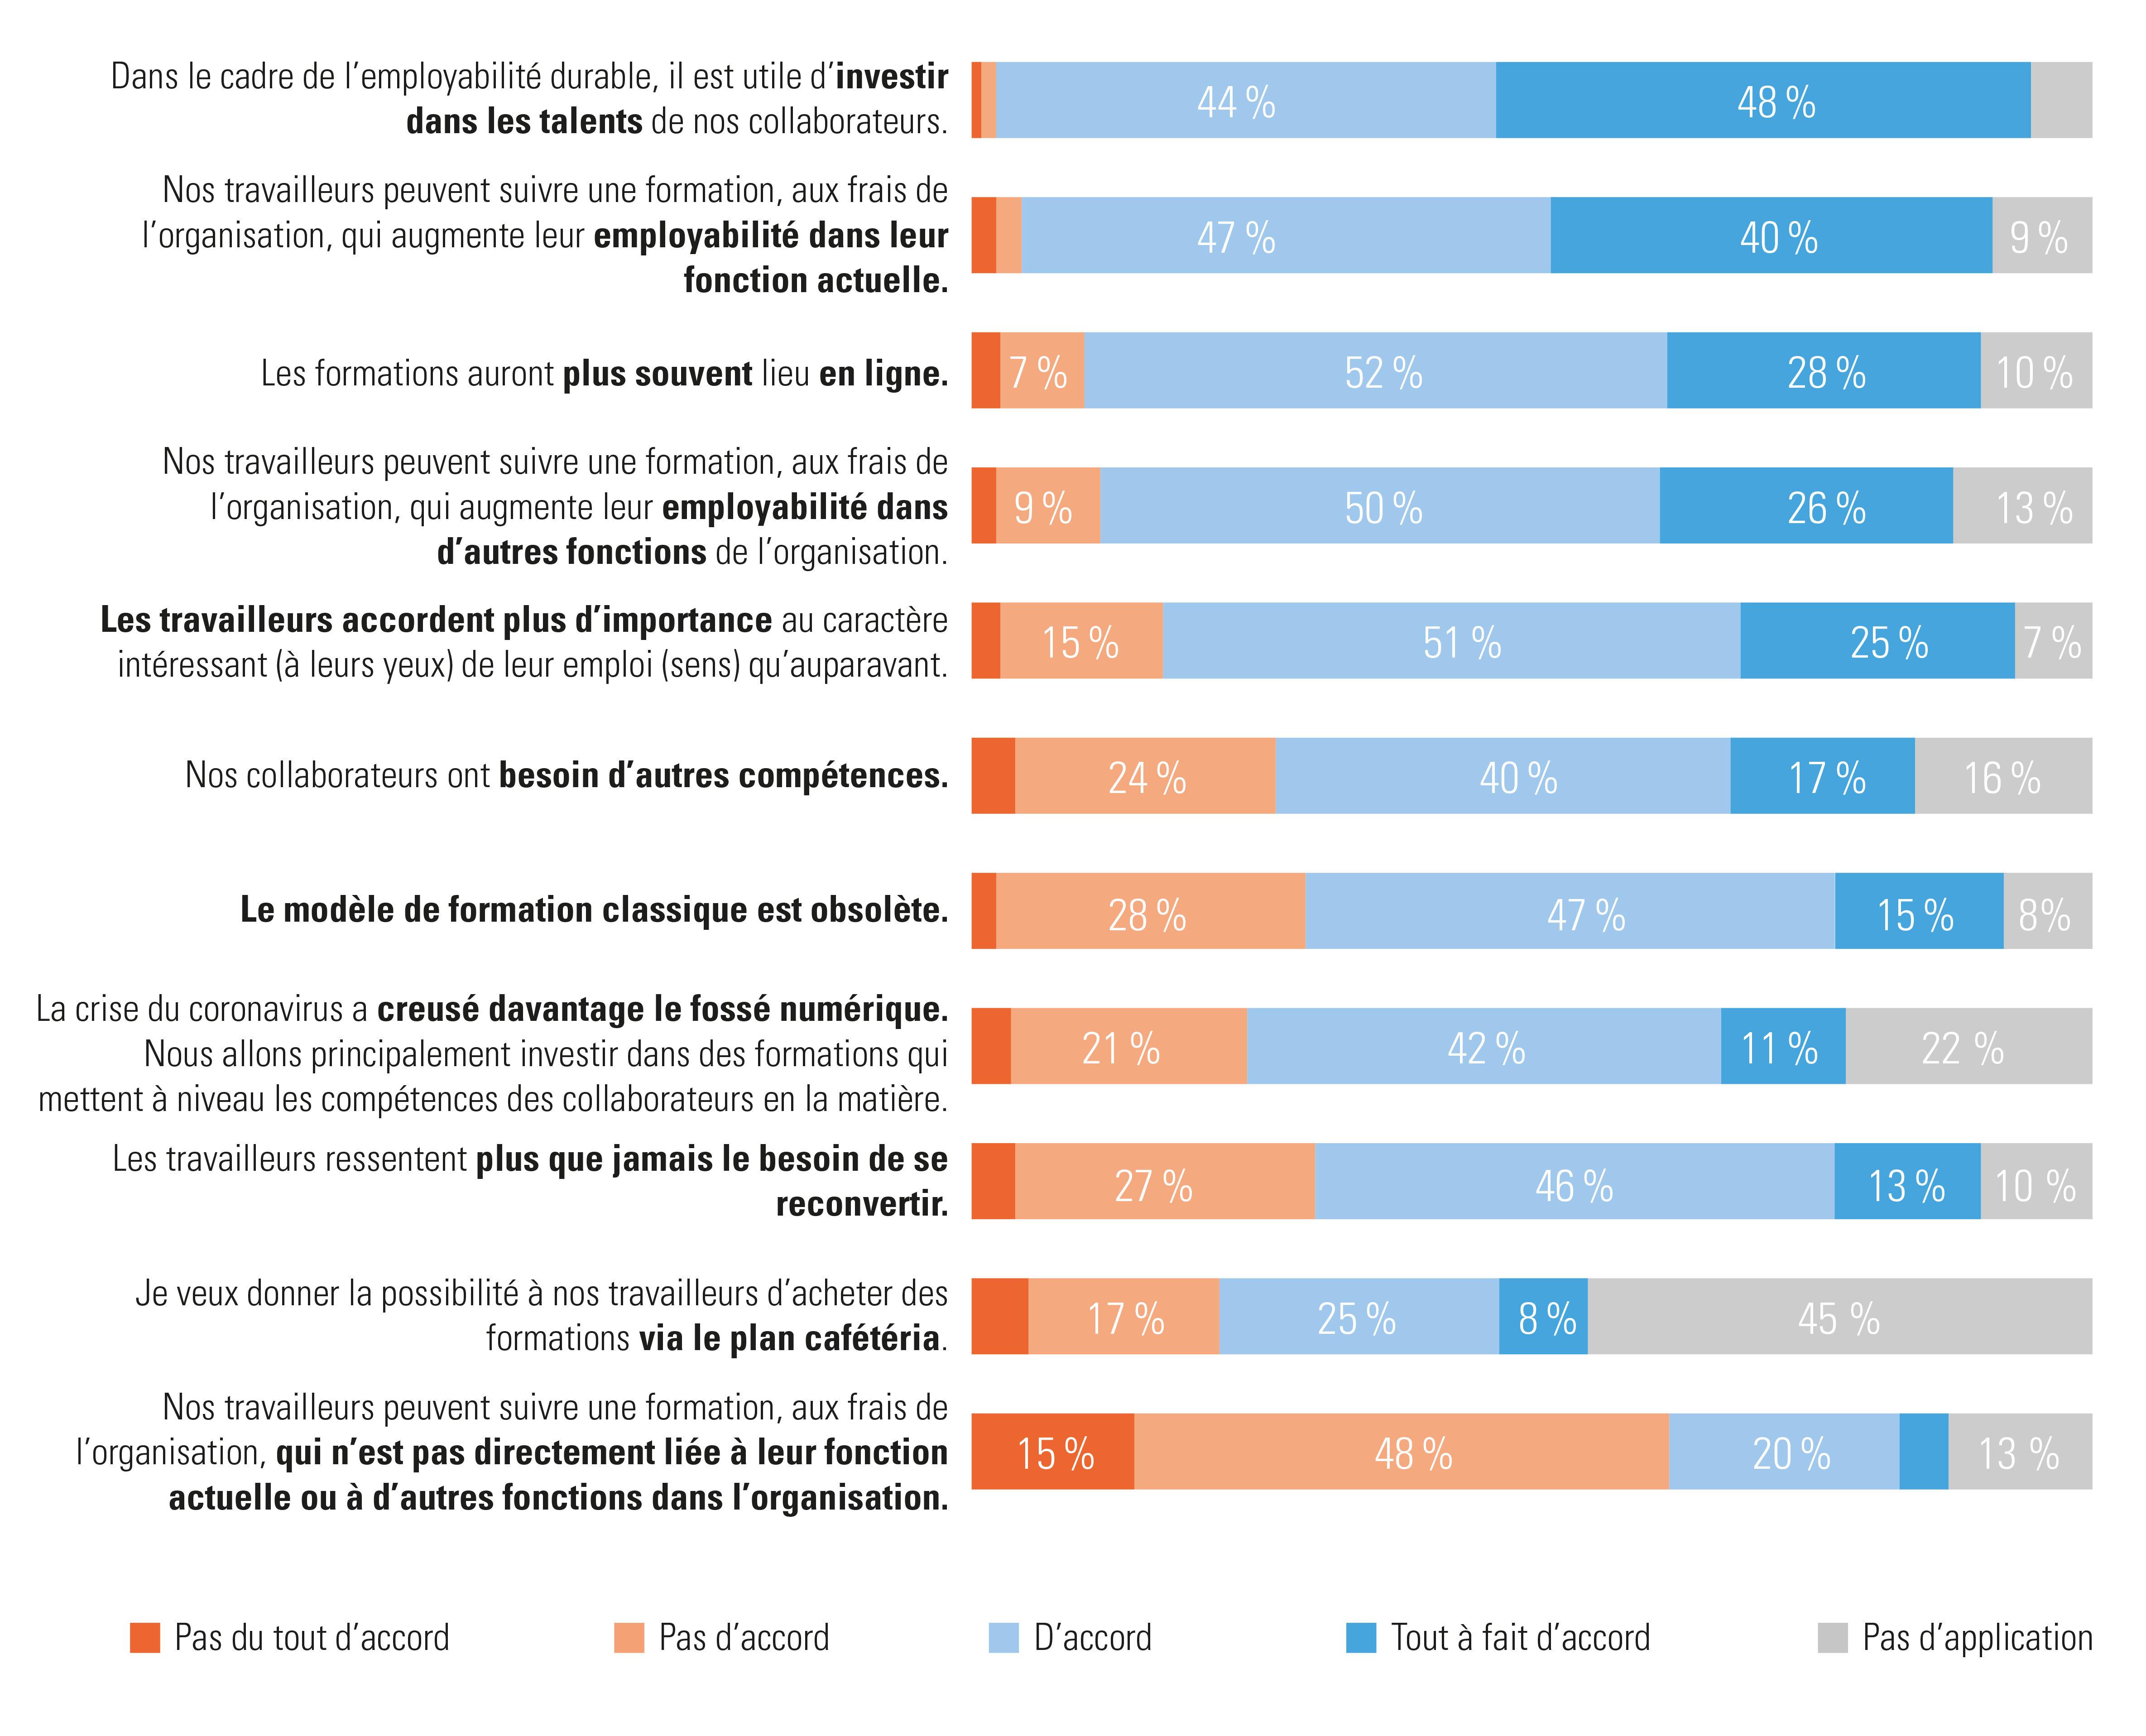 Les employeurs réagissent aux propositions concernant leur fonctionnement futur